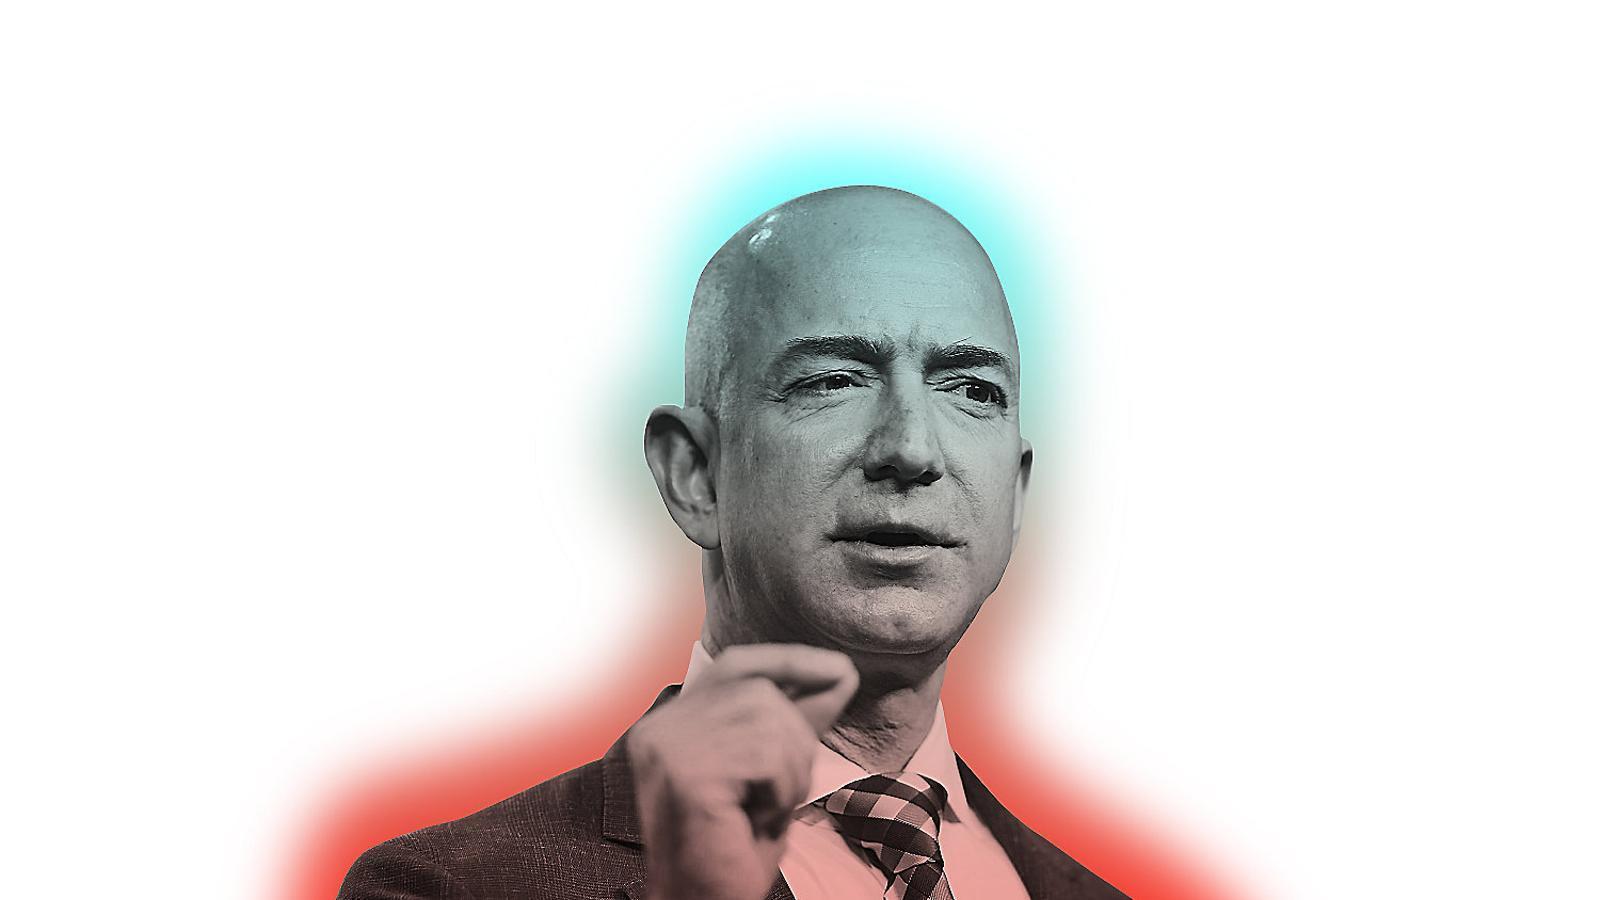 Emprenem: Amazon ho vol tot